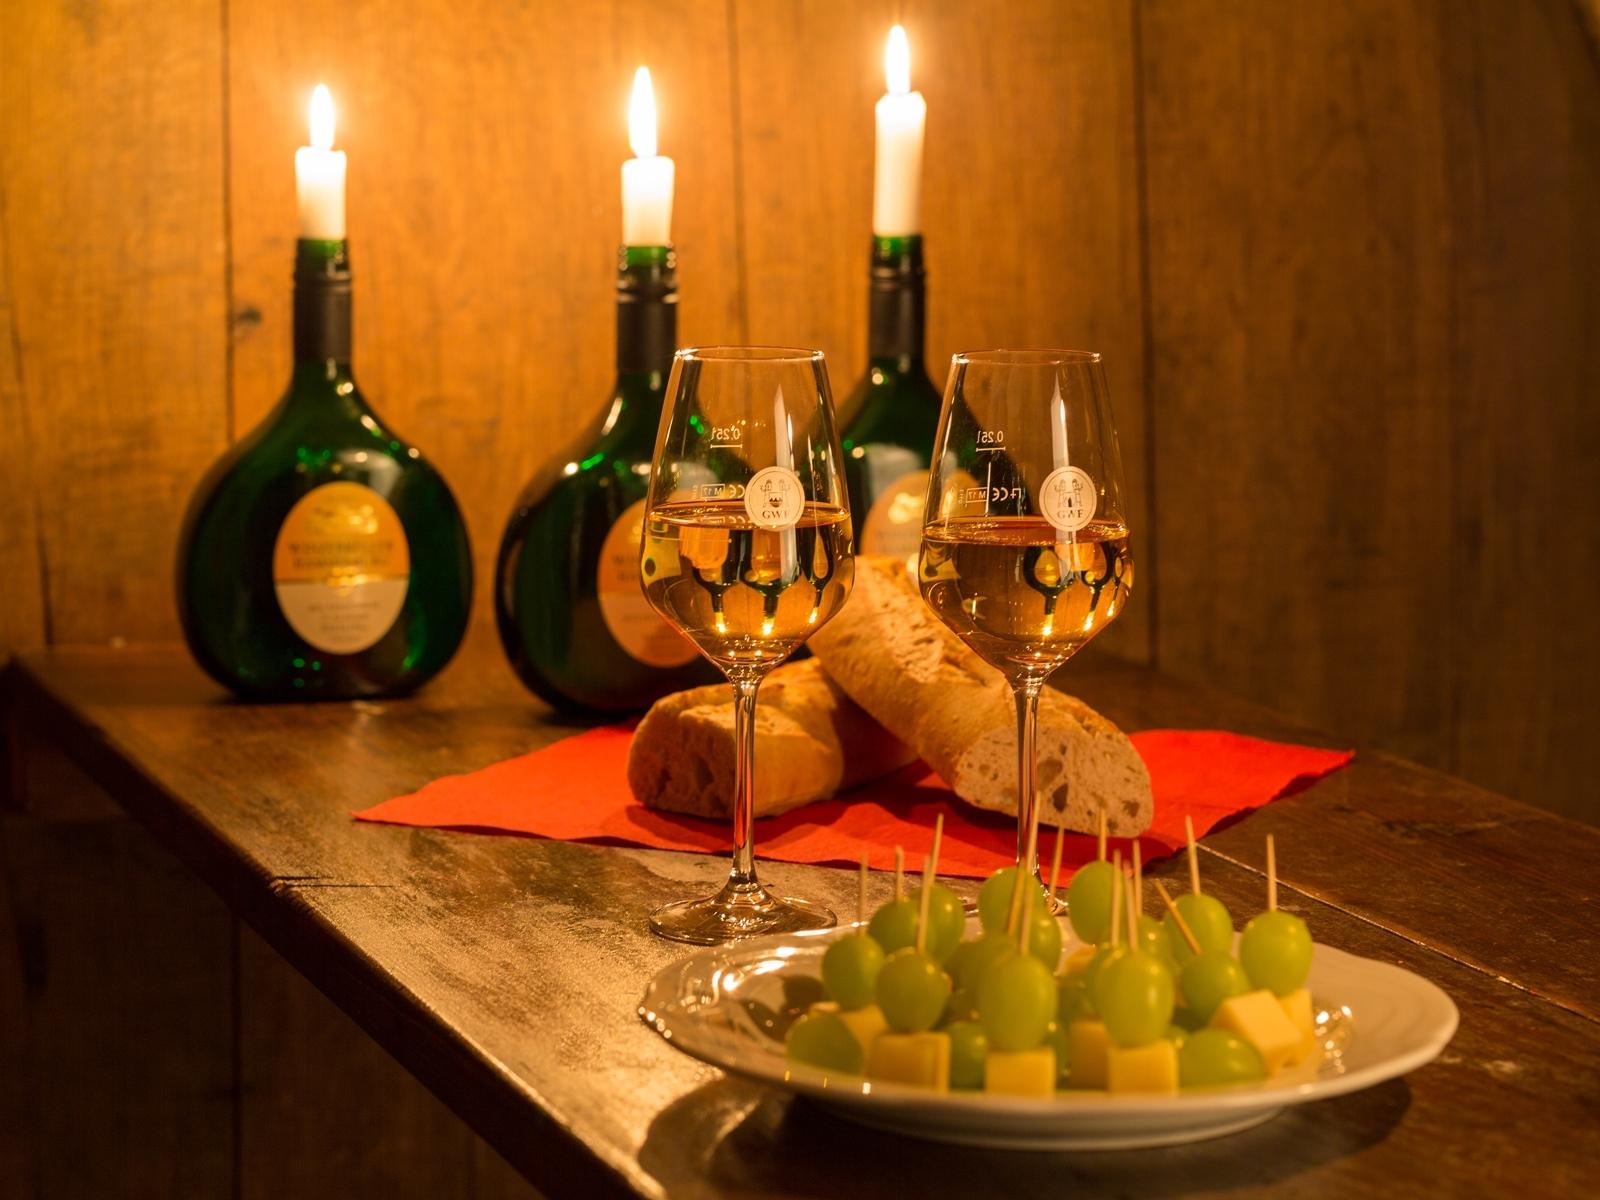 Gefüllte Weingläser sowie Brot und Käse-Traube-Häppchen mit Kerzen in Bocksbeuteln im Hintergrund